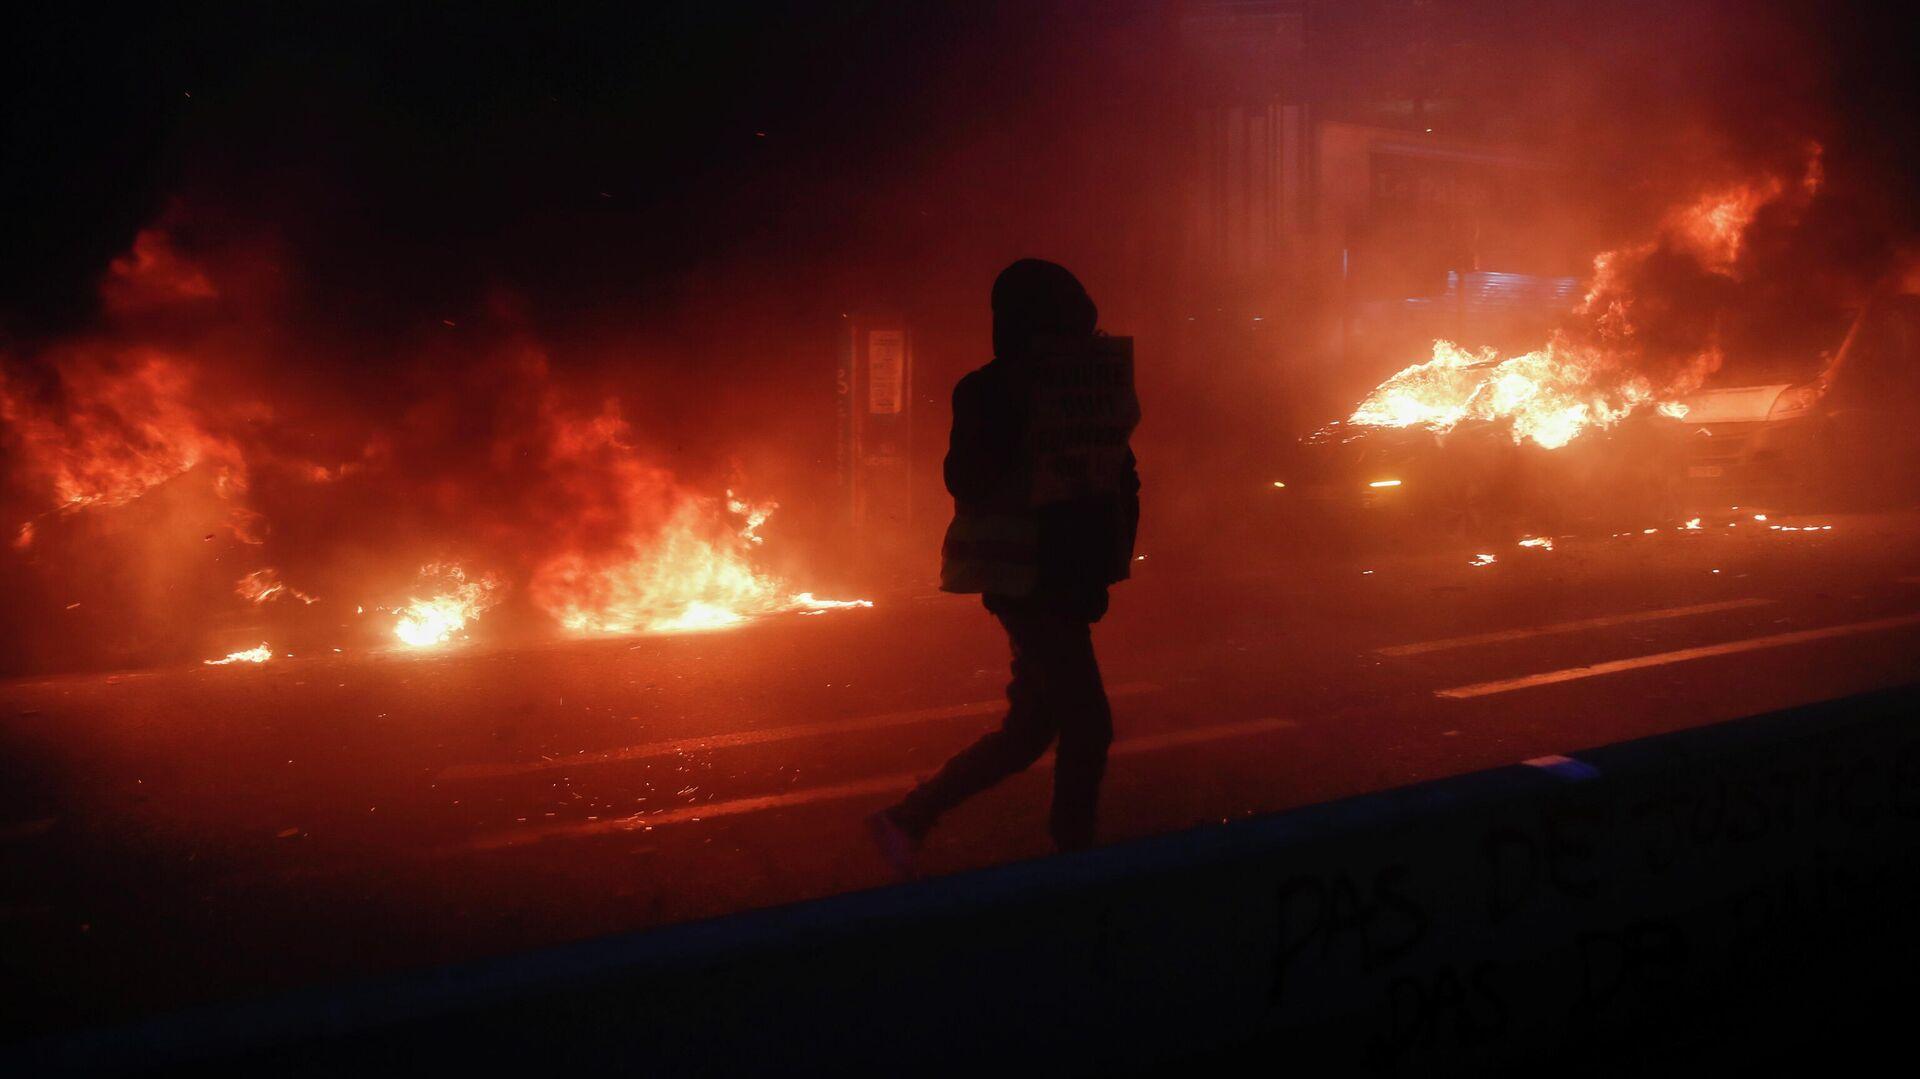 Участники акции протеста против законопроекта О глобальной безопасности в Париже - РИА Новости, 1920, 05.12.2020